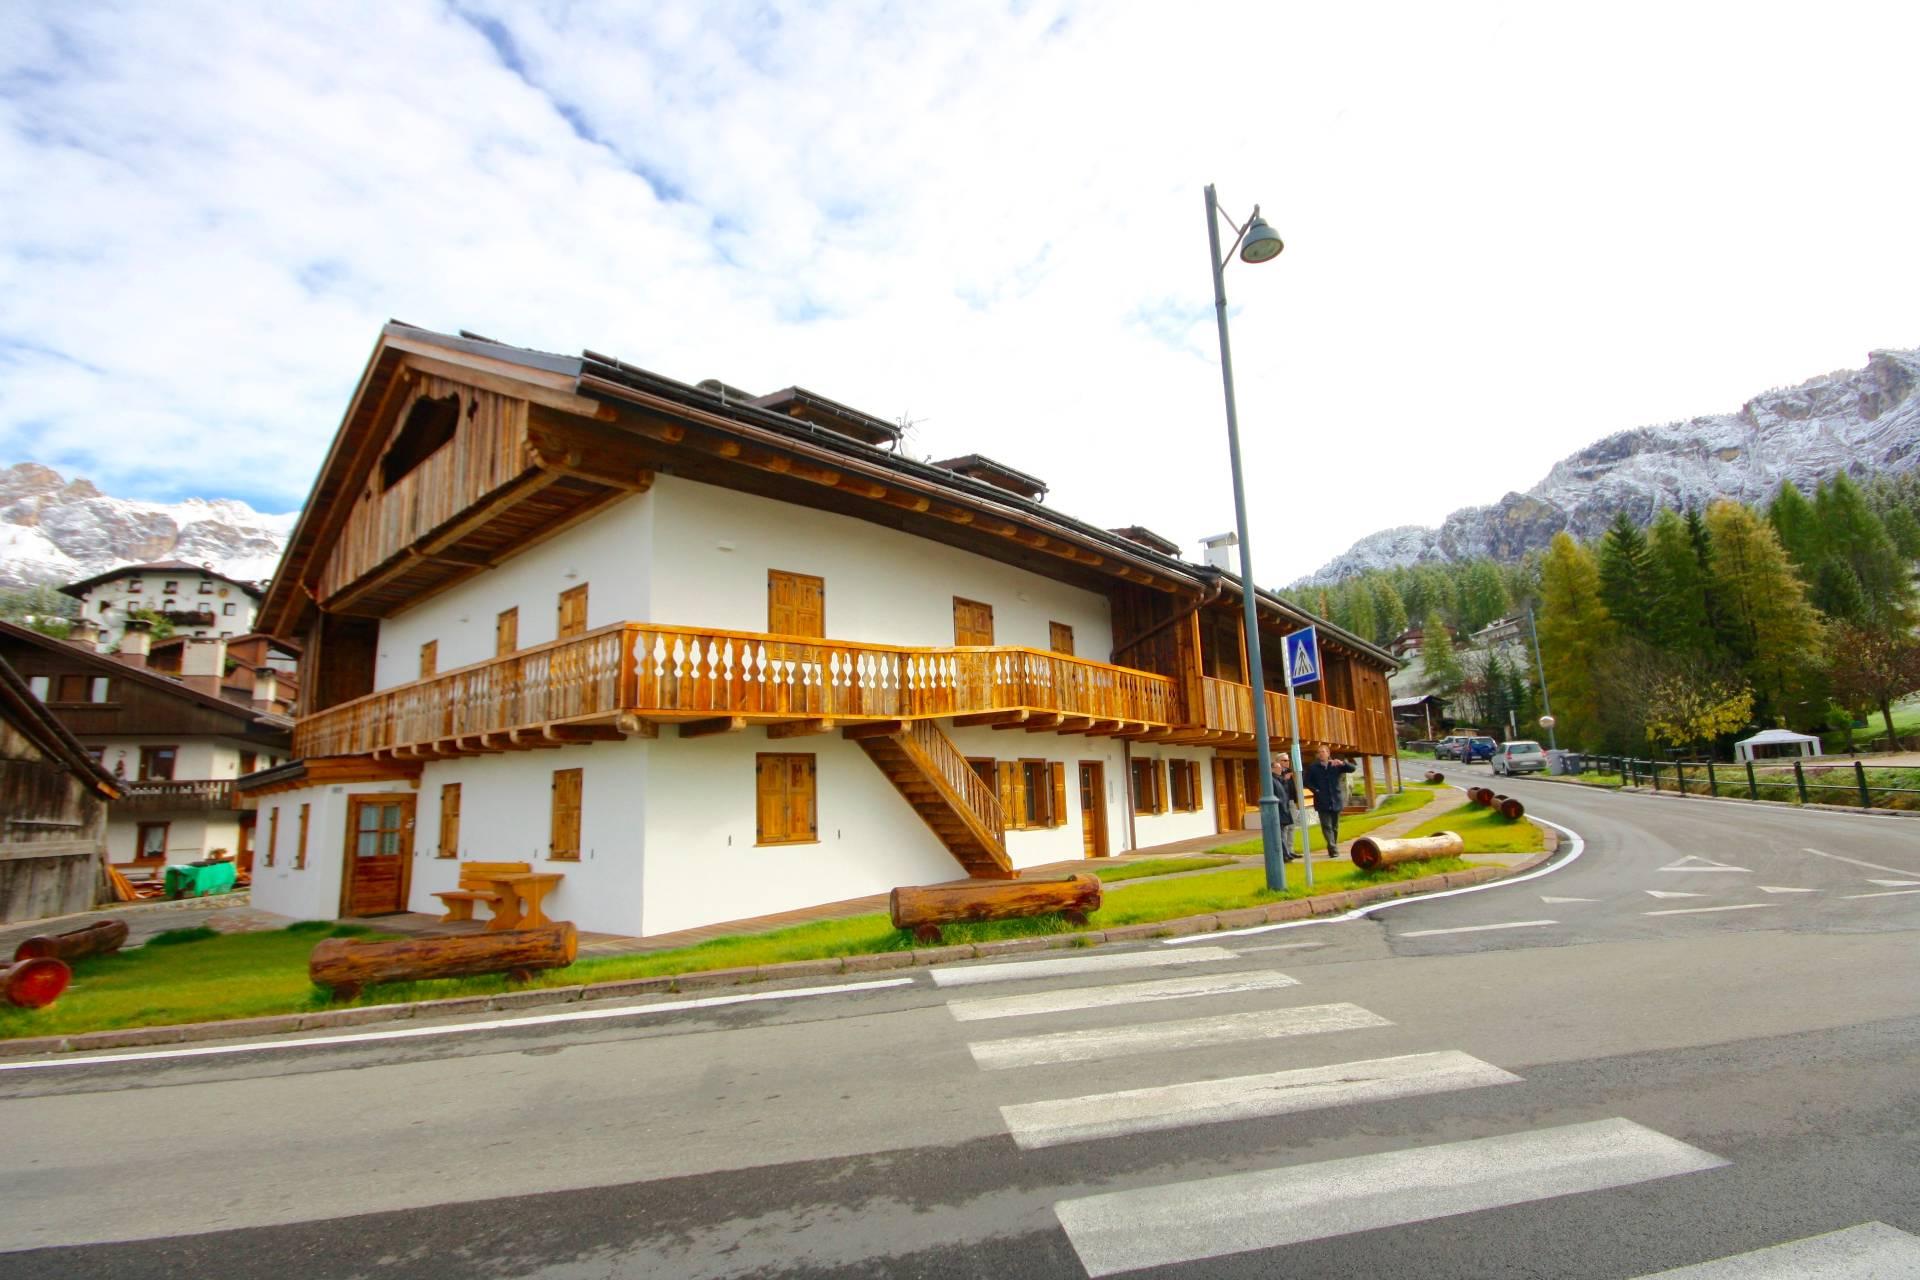 CBI040-775-OL1297PC - Appartamento in Vendita a Cortina d\'Ampezzo...